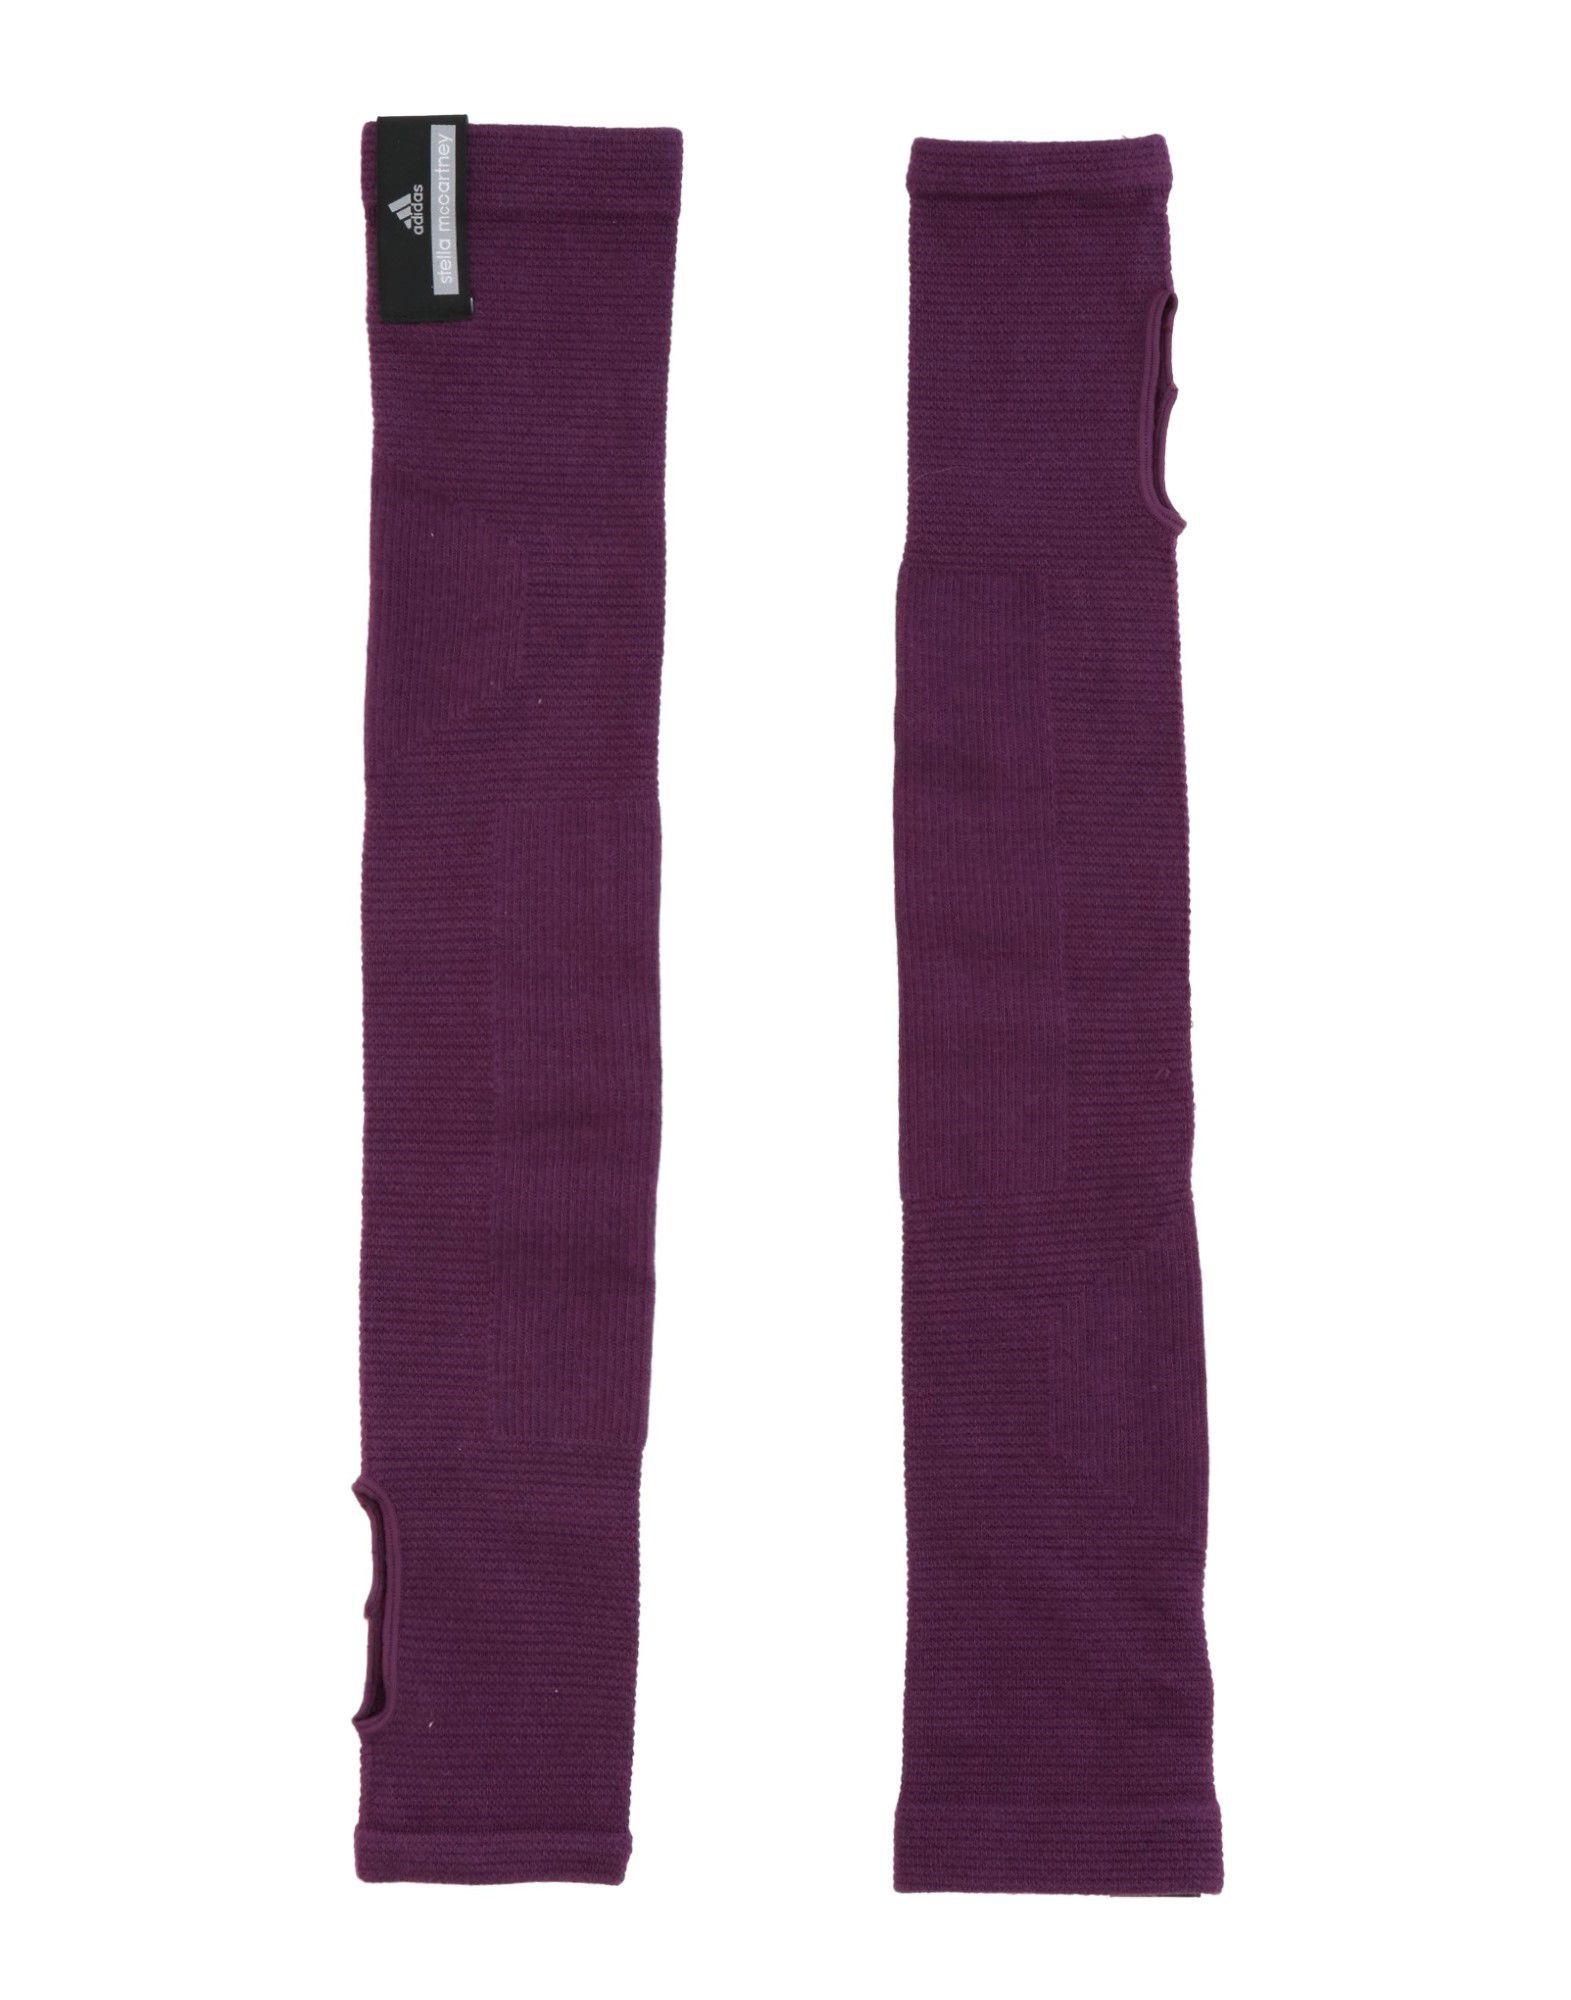 ADIDAS by STELLA McCARTNEY Гетры для ног одежда для фитнеса adidas stella mccartney o09525